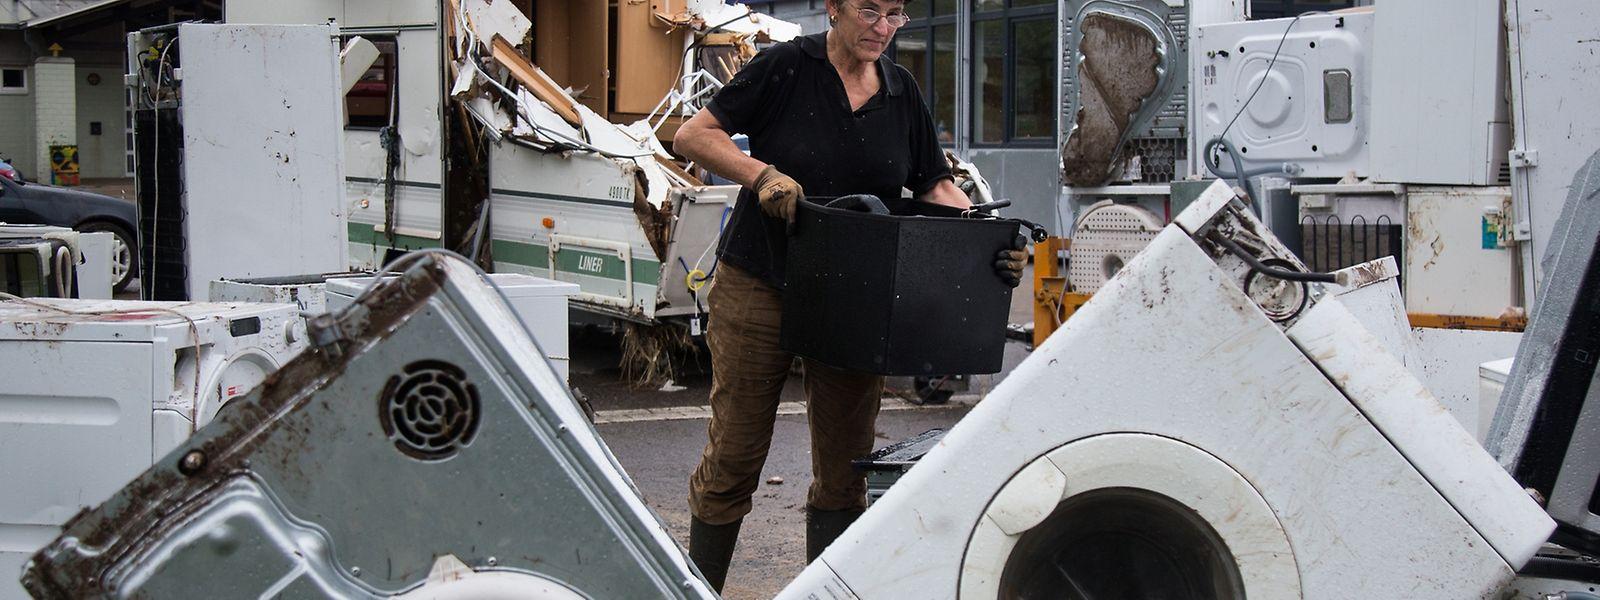 Les assureurs vont payer un total de cinq à dix millions d'euros pour les dommages.